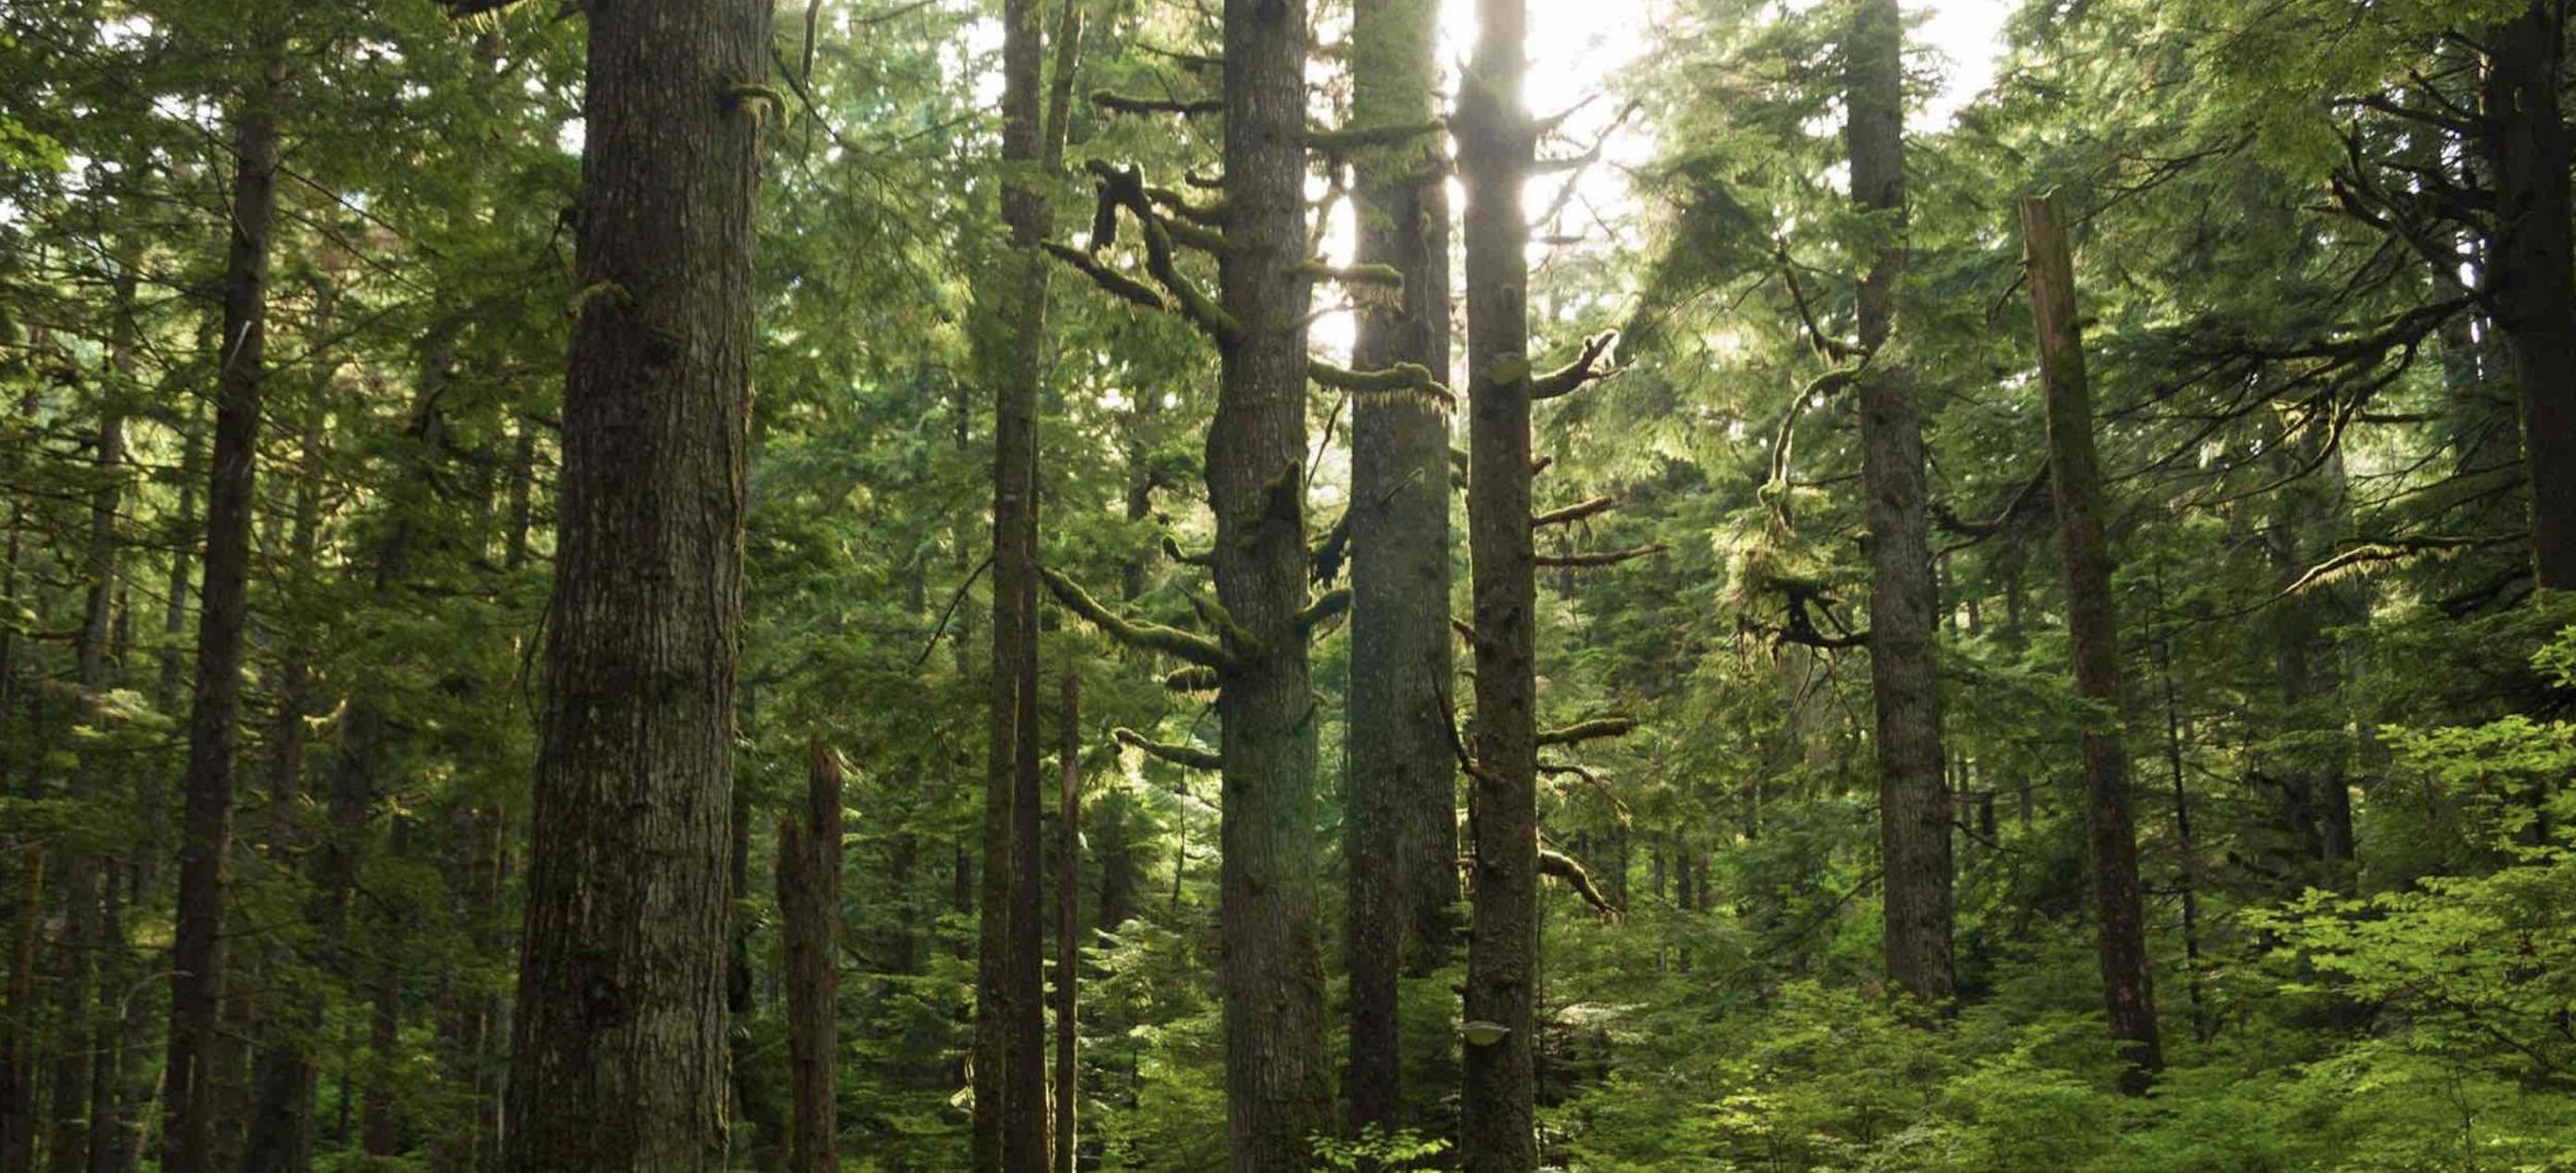 Як визначити, чи деревина, папір та інші продукти лісу є екологічно дружніми